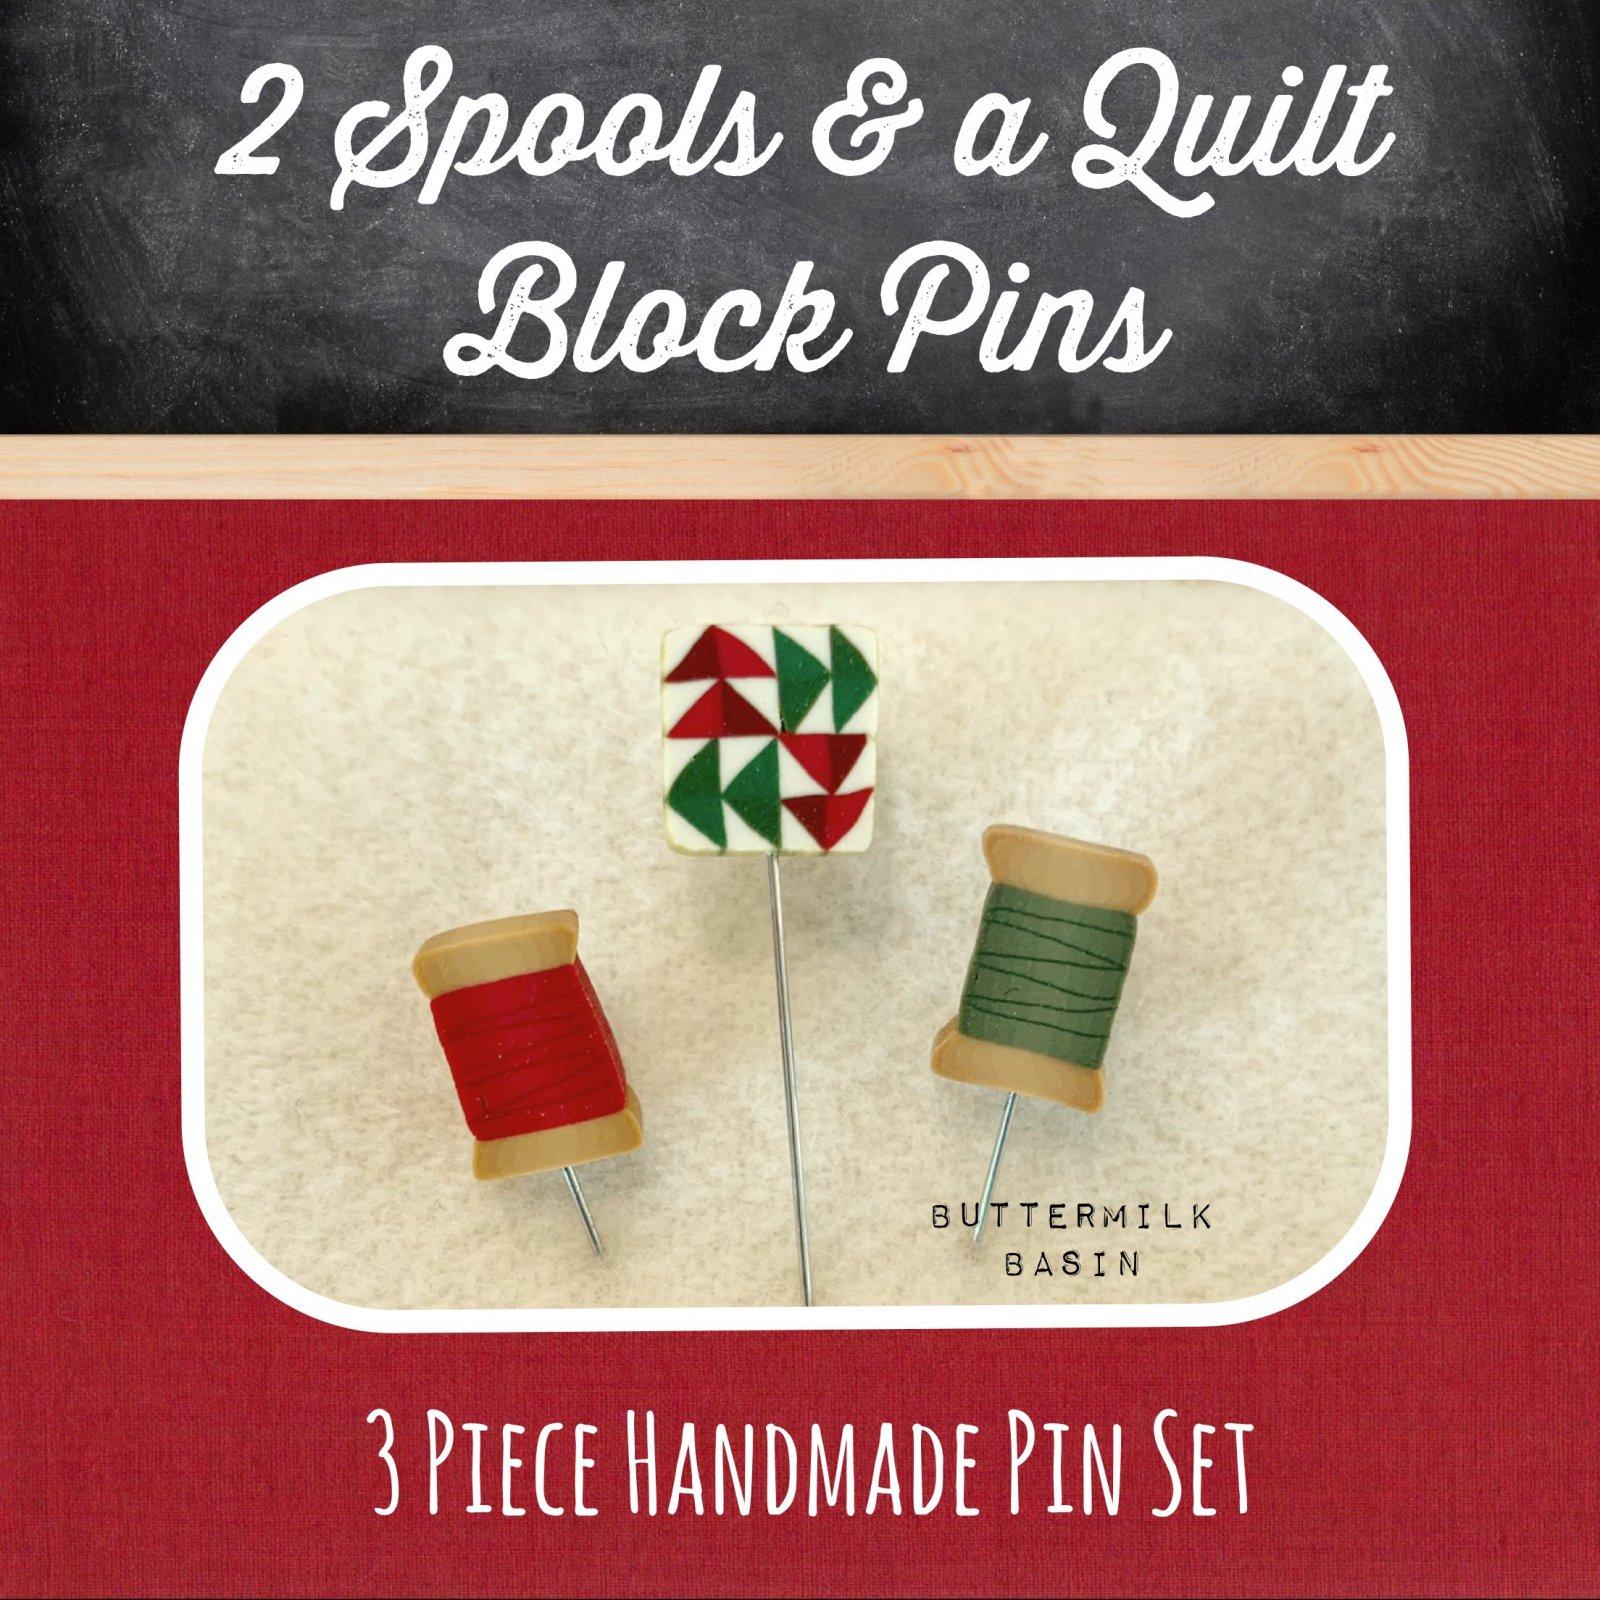 2 Spools & A Quilt Block Pins